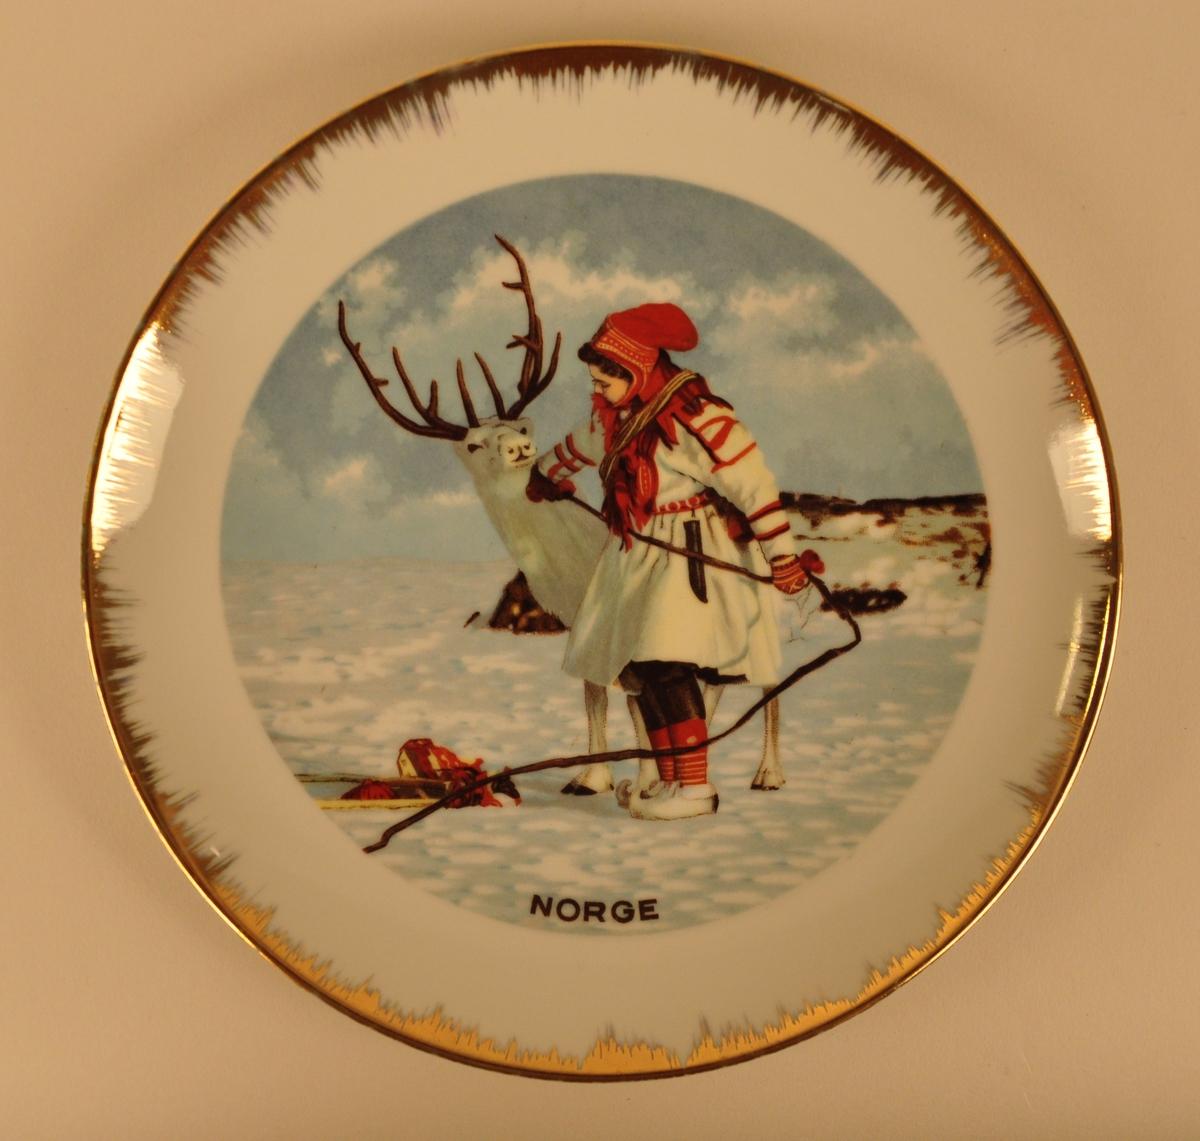 Motivet viser eit vinterlandskap med ei jente i samedrakt og eit reinsdyr